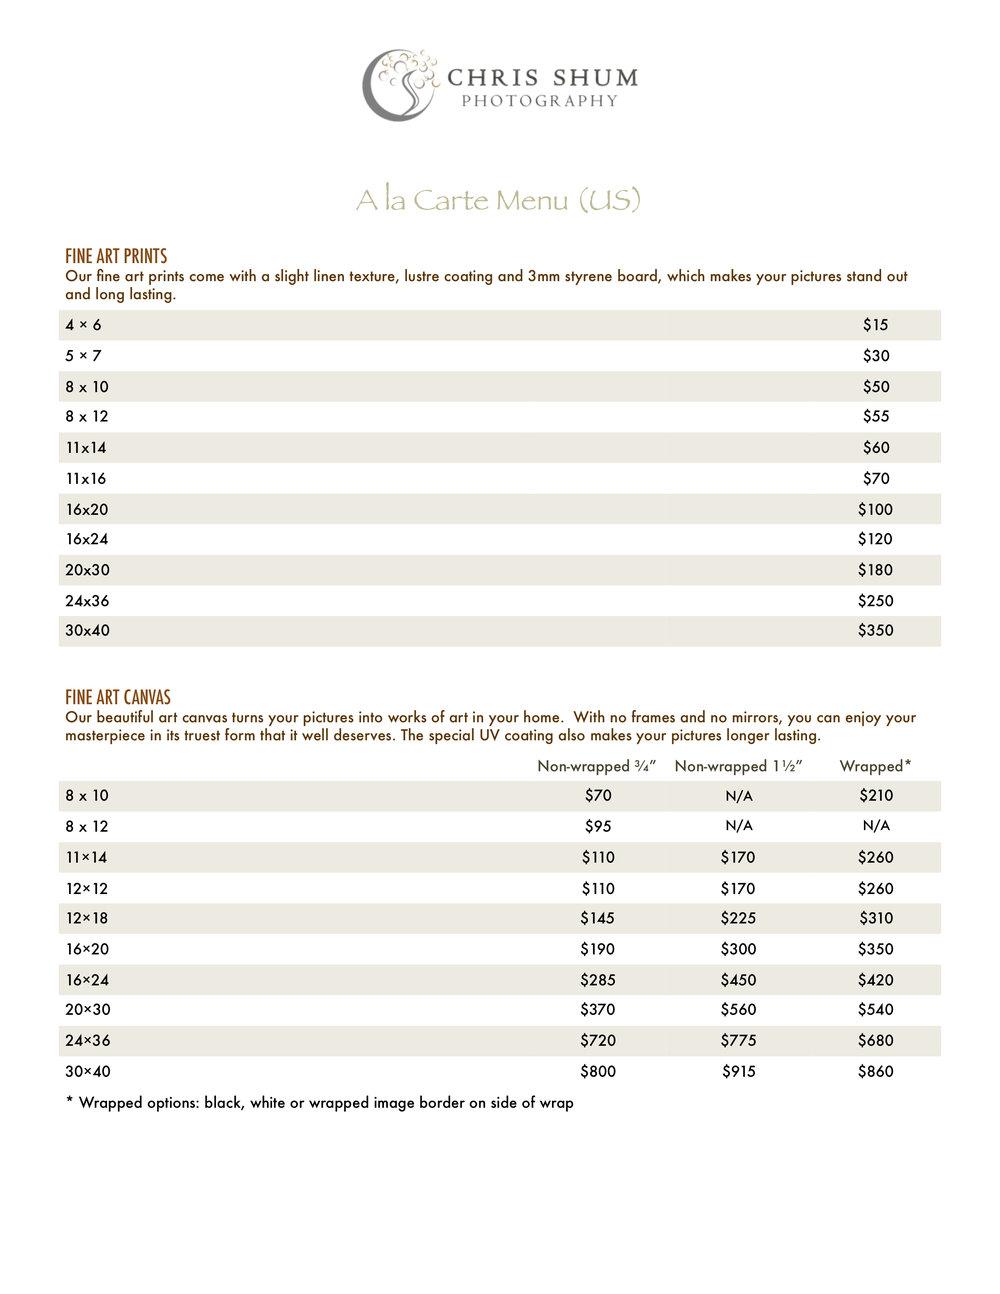 A-la-carte Pricesheet p1.jpg